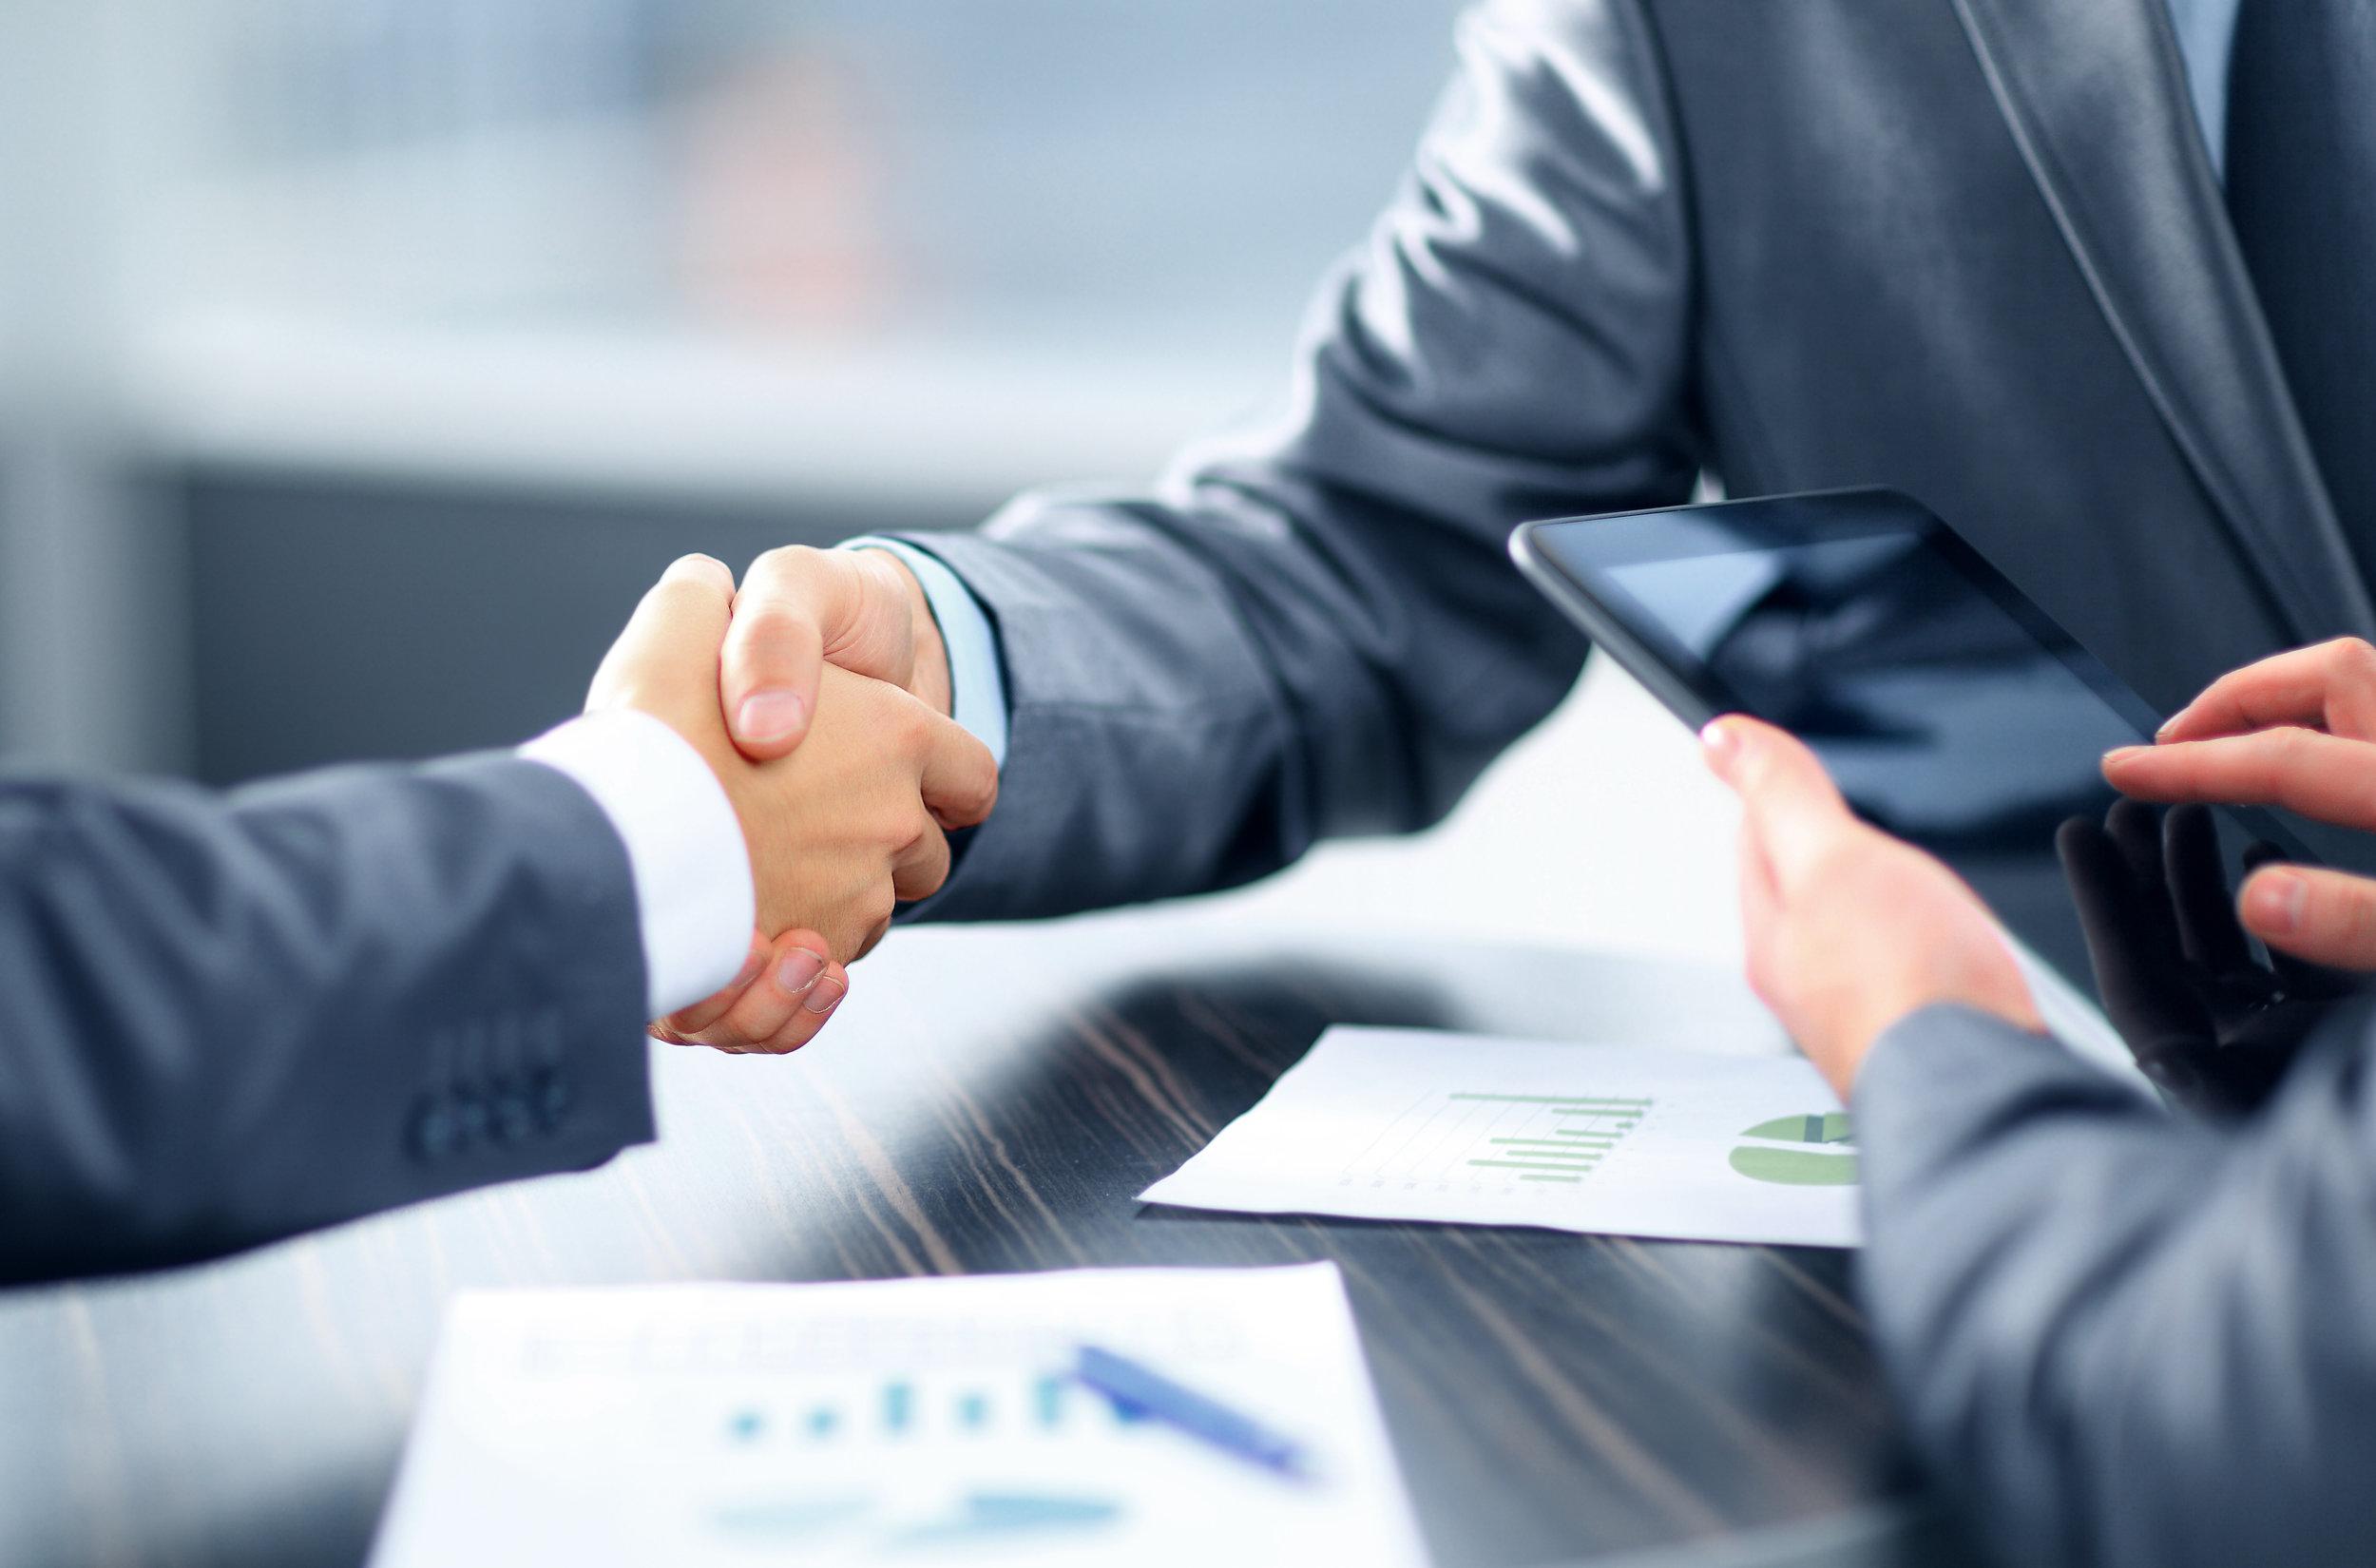 Partner with En-trak & grow your business